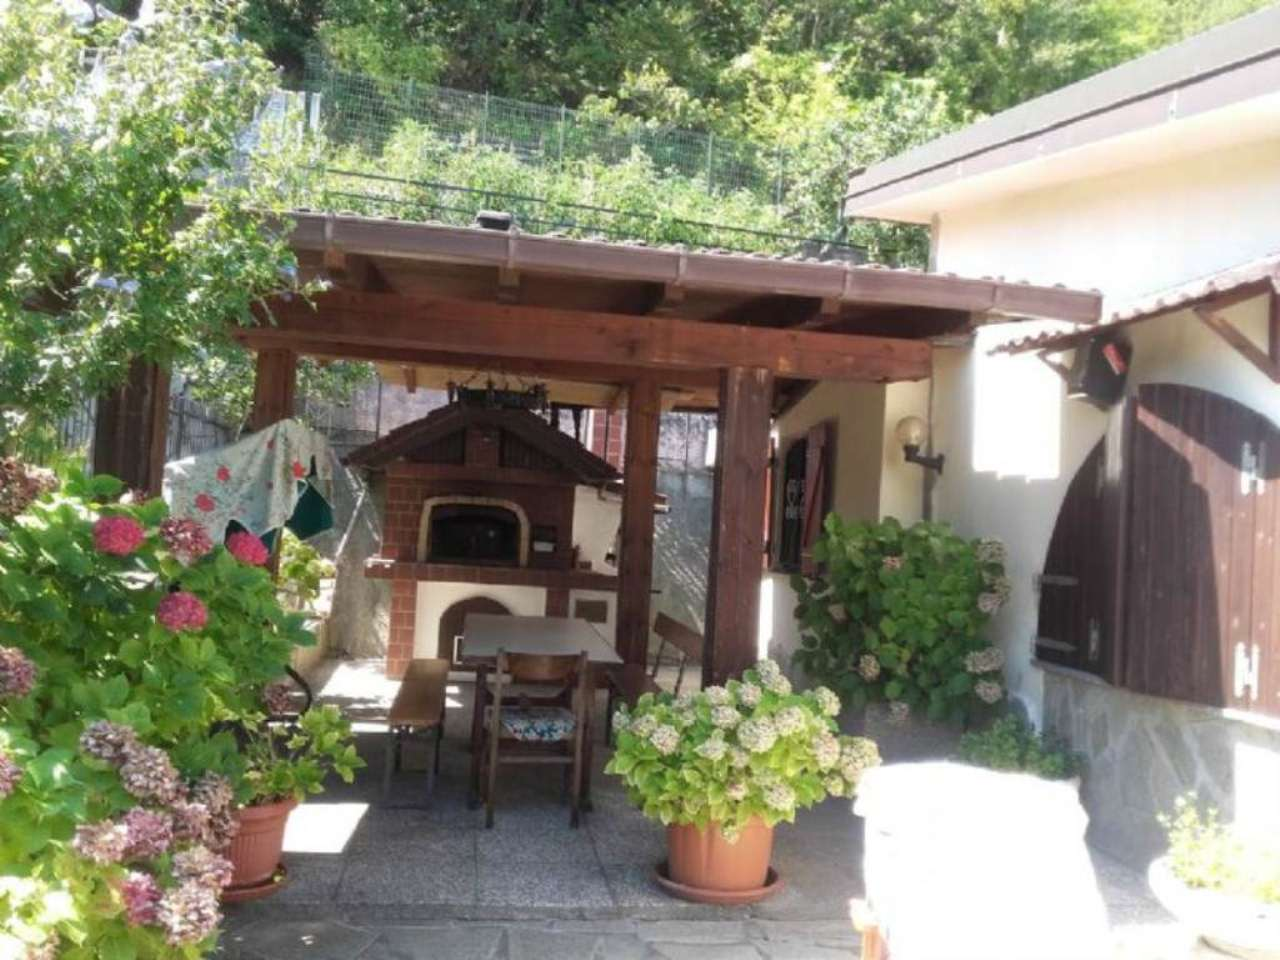 Soluzione Indipendente in vendita a Ponzone, 3 locali, prezzo € 85.000 | Cambio Casa.it